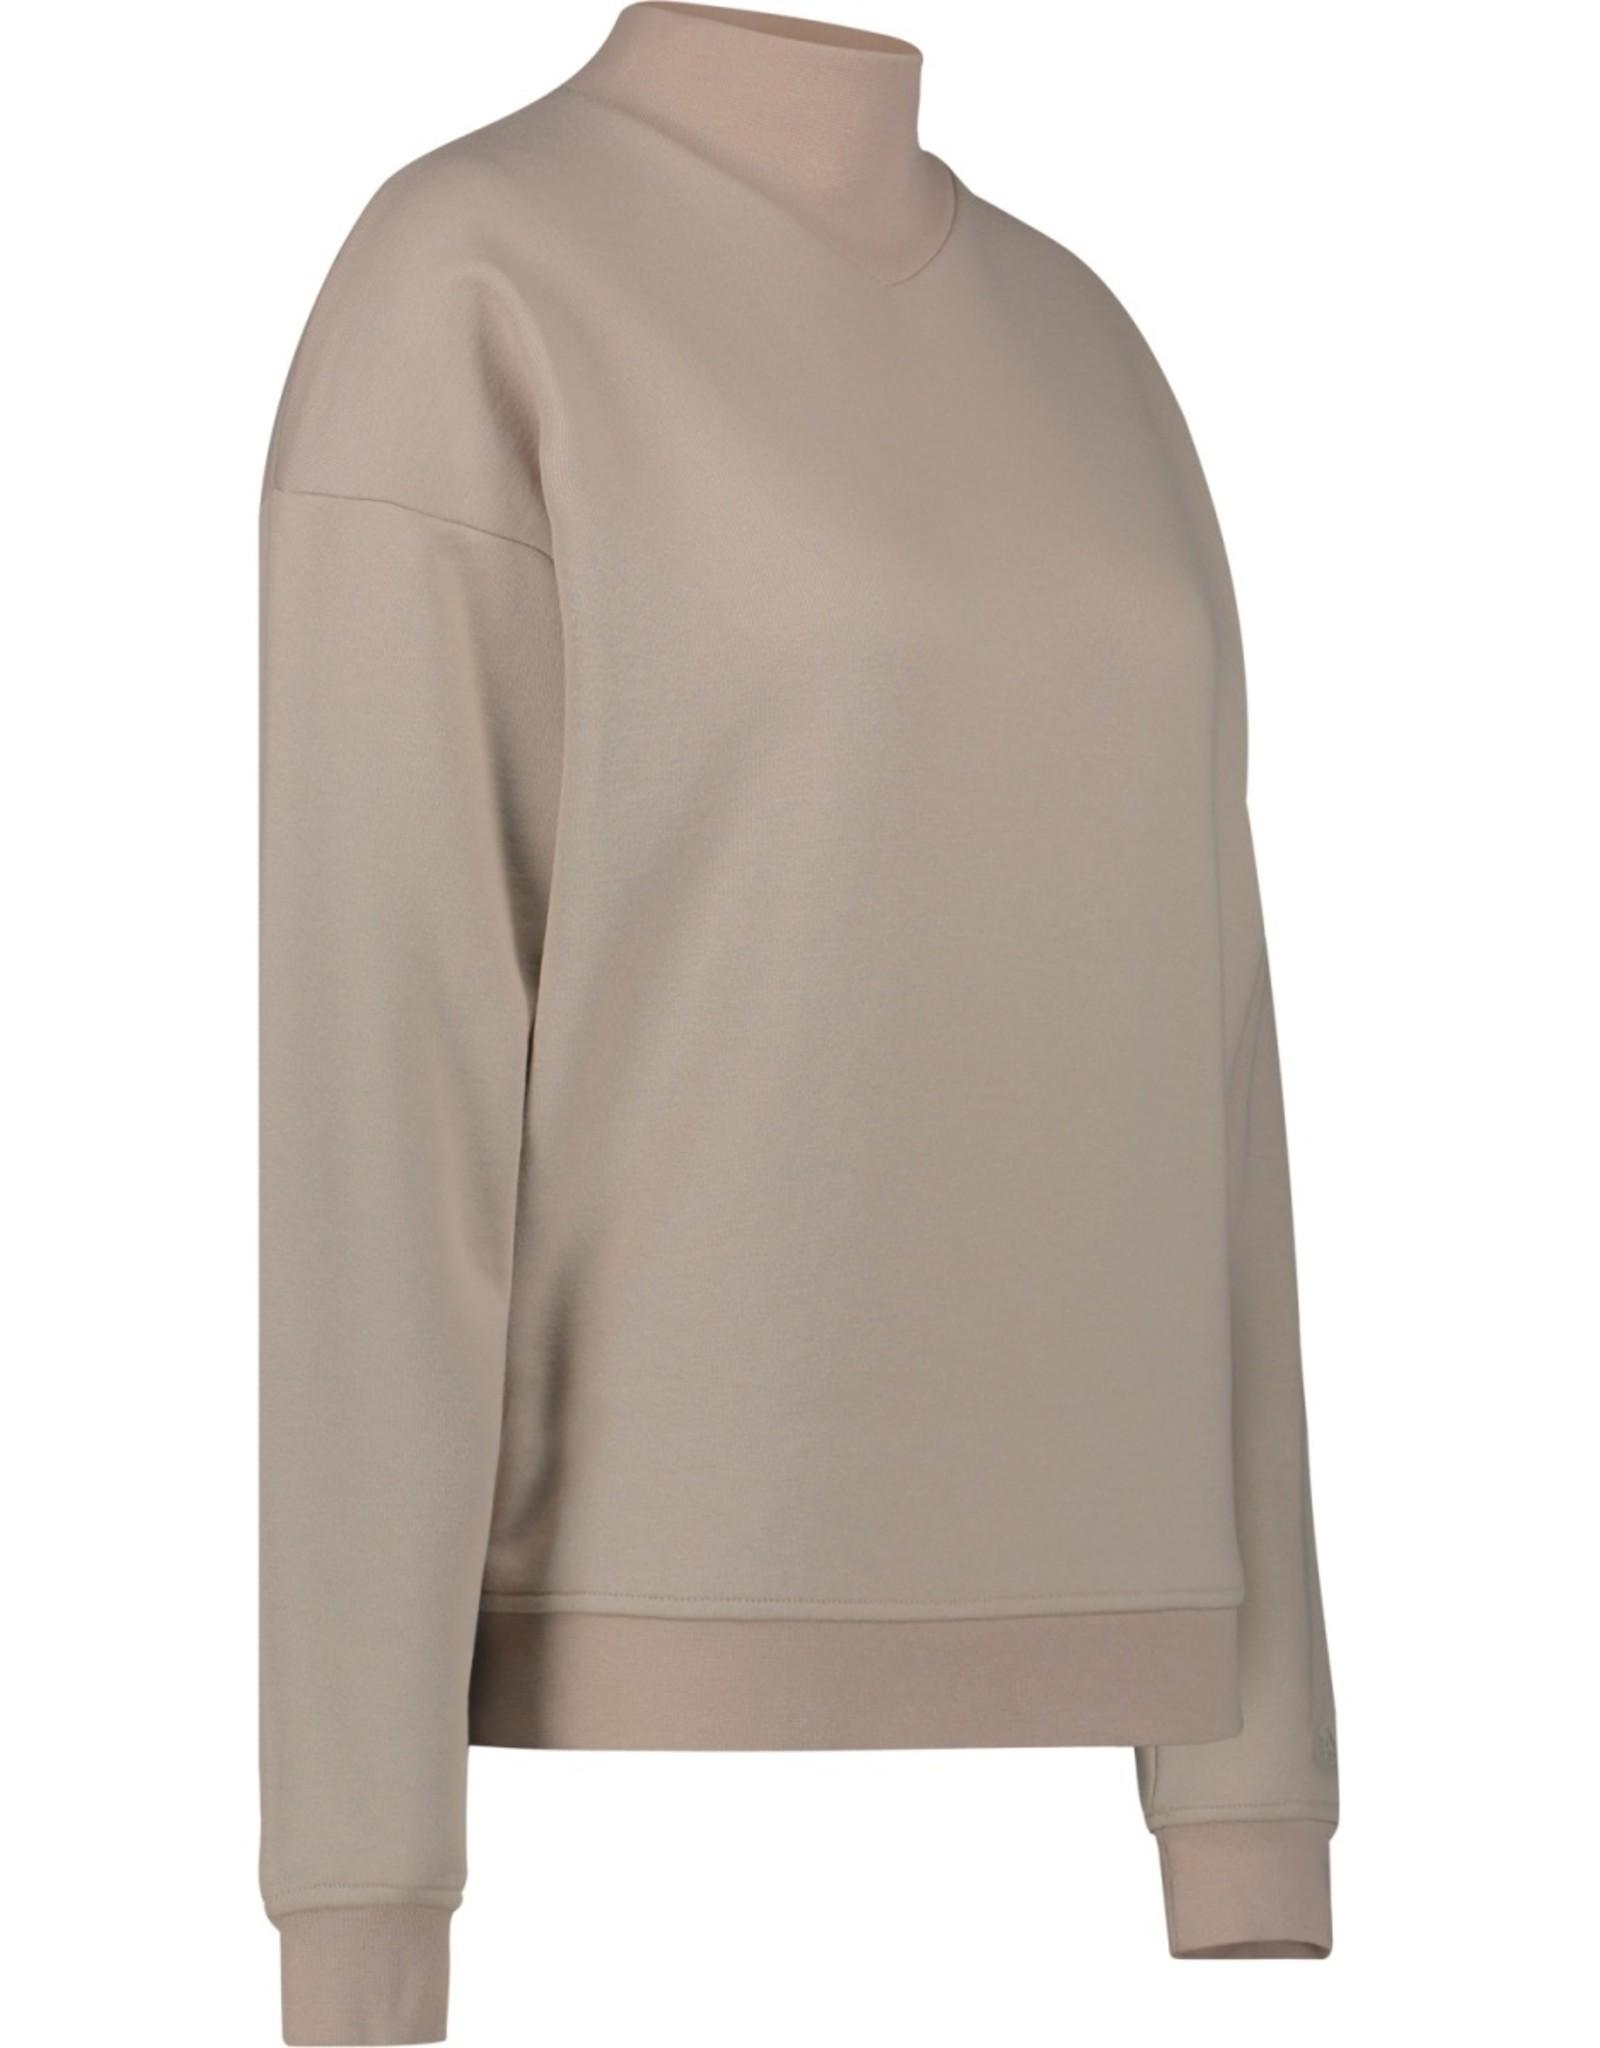 Raizzed Raizzed sweater Nirije